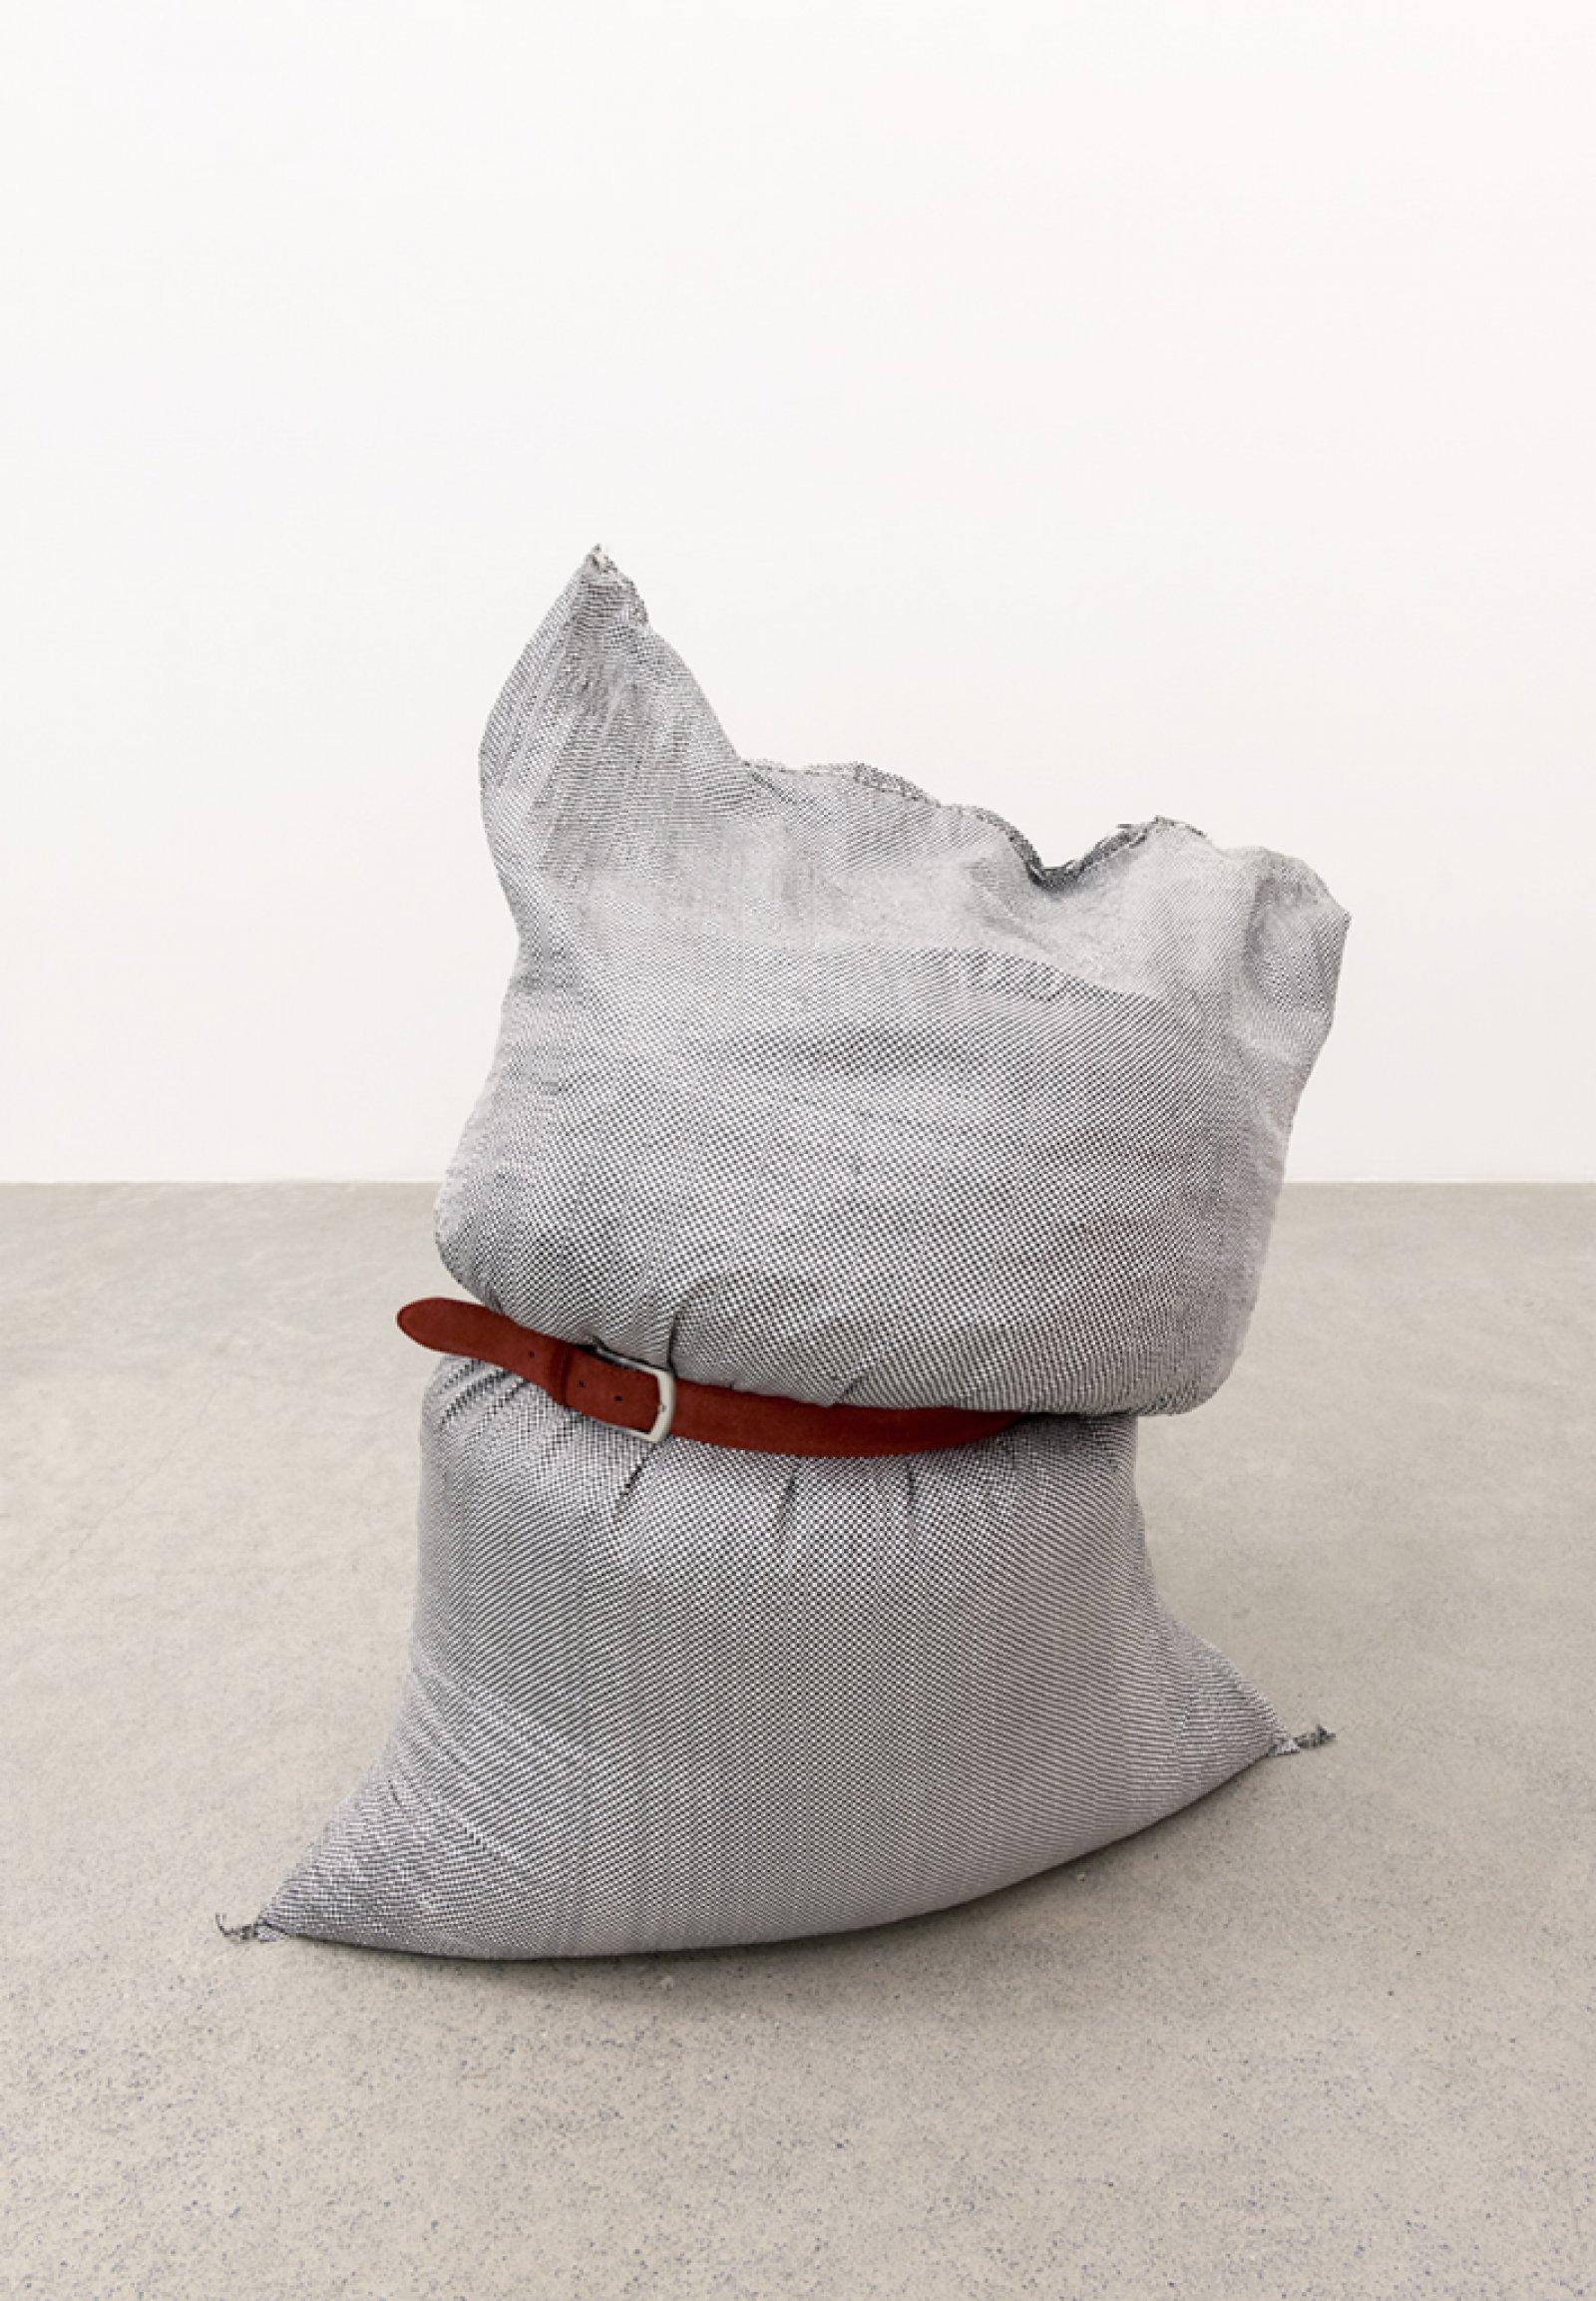 Brian Jungen,Fans (detail), 2013, woven plastic bags, grain, belts, dimensions variable